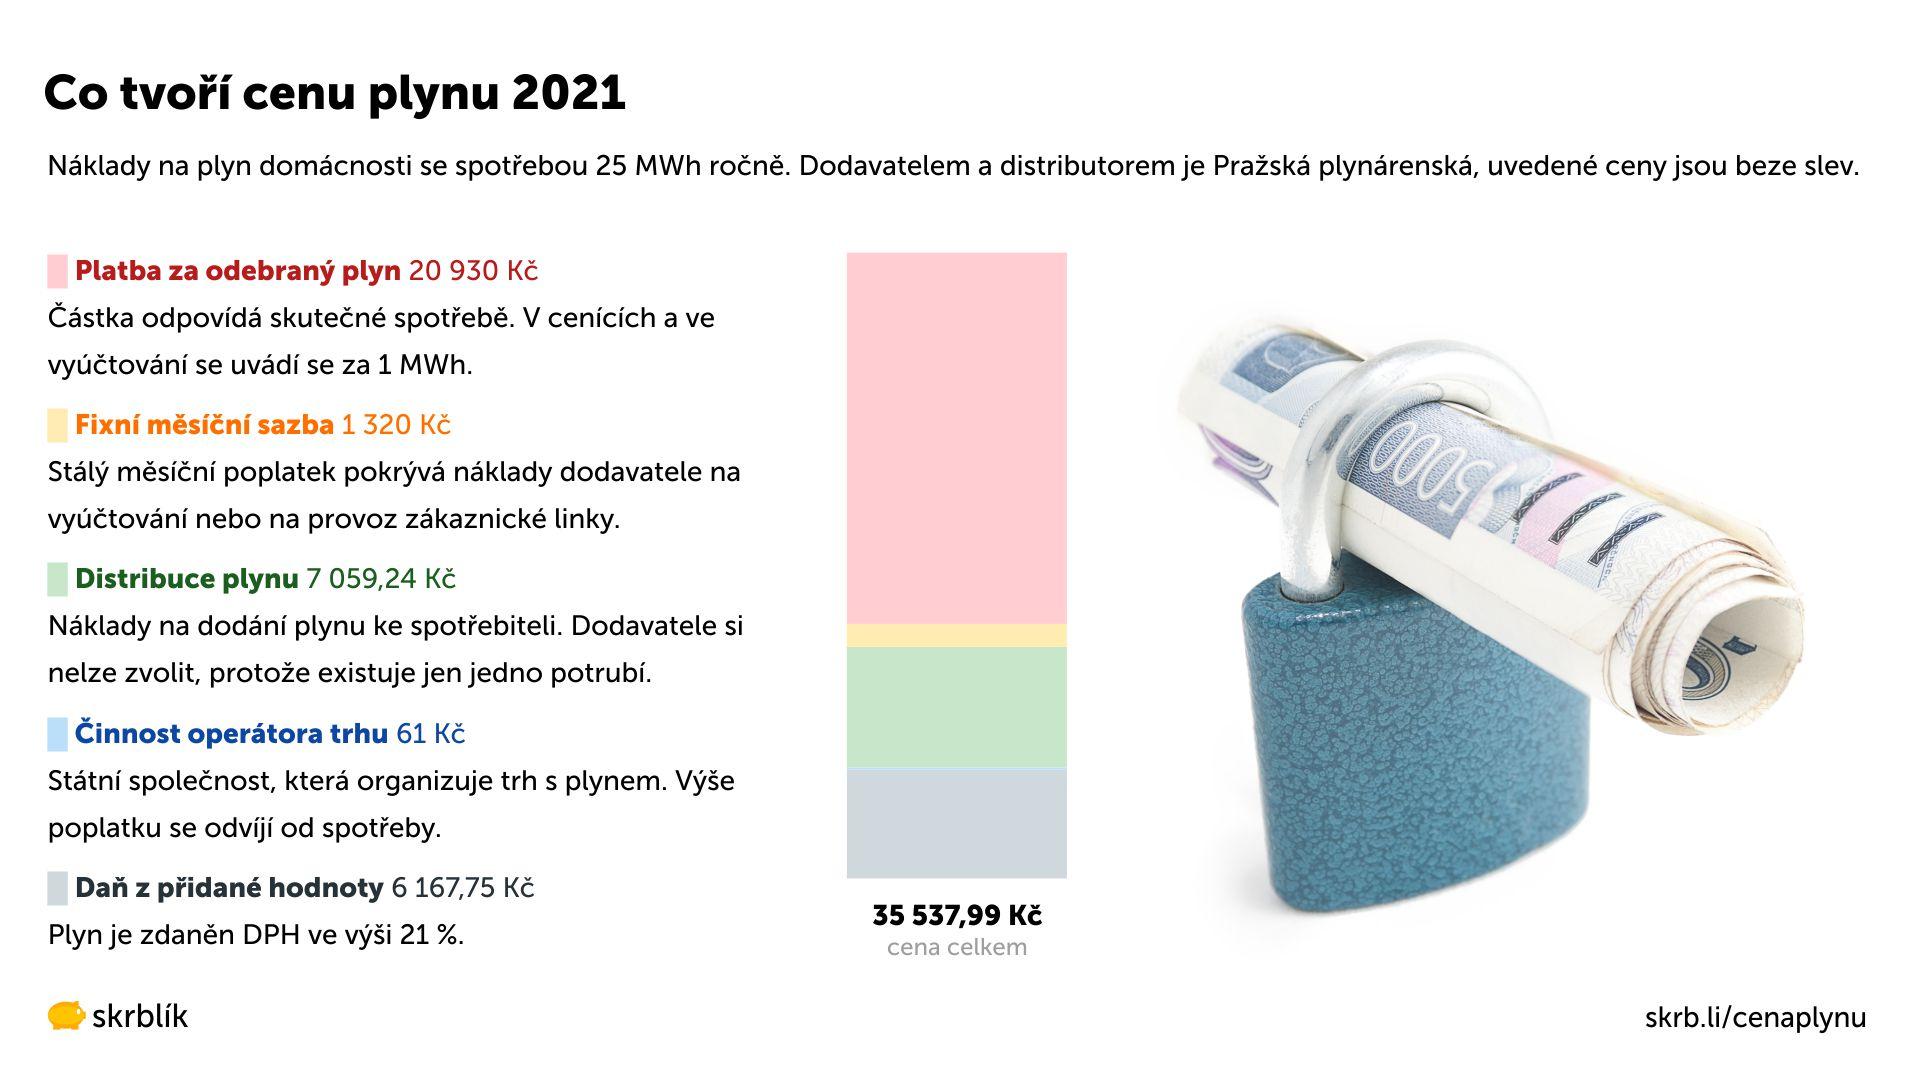 Co tvoří cenu plynu 2021